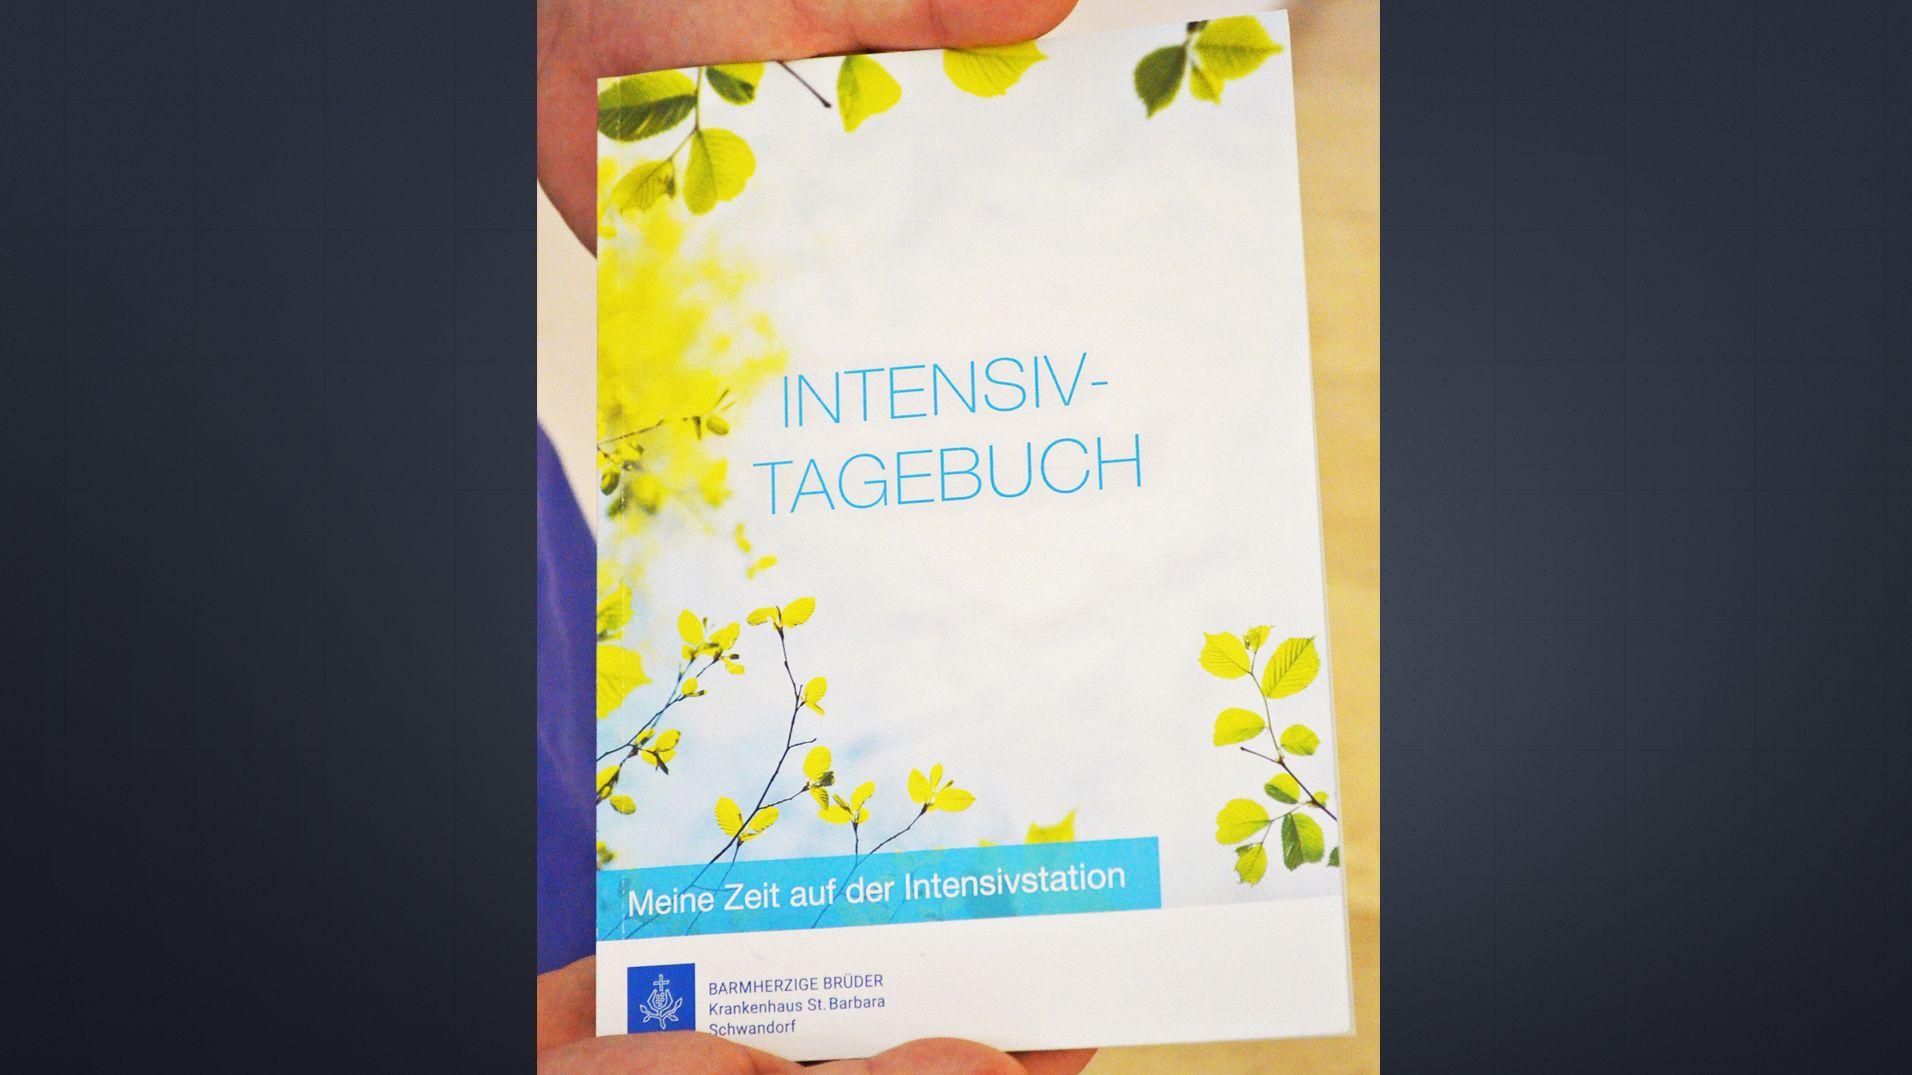 Die Idee des Intensivtagebuchs greifen jetzt auch andere Krankenhäuser auf, was das St. Barbara-Team sehr freut.